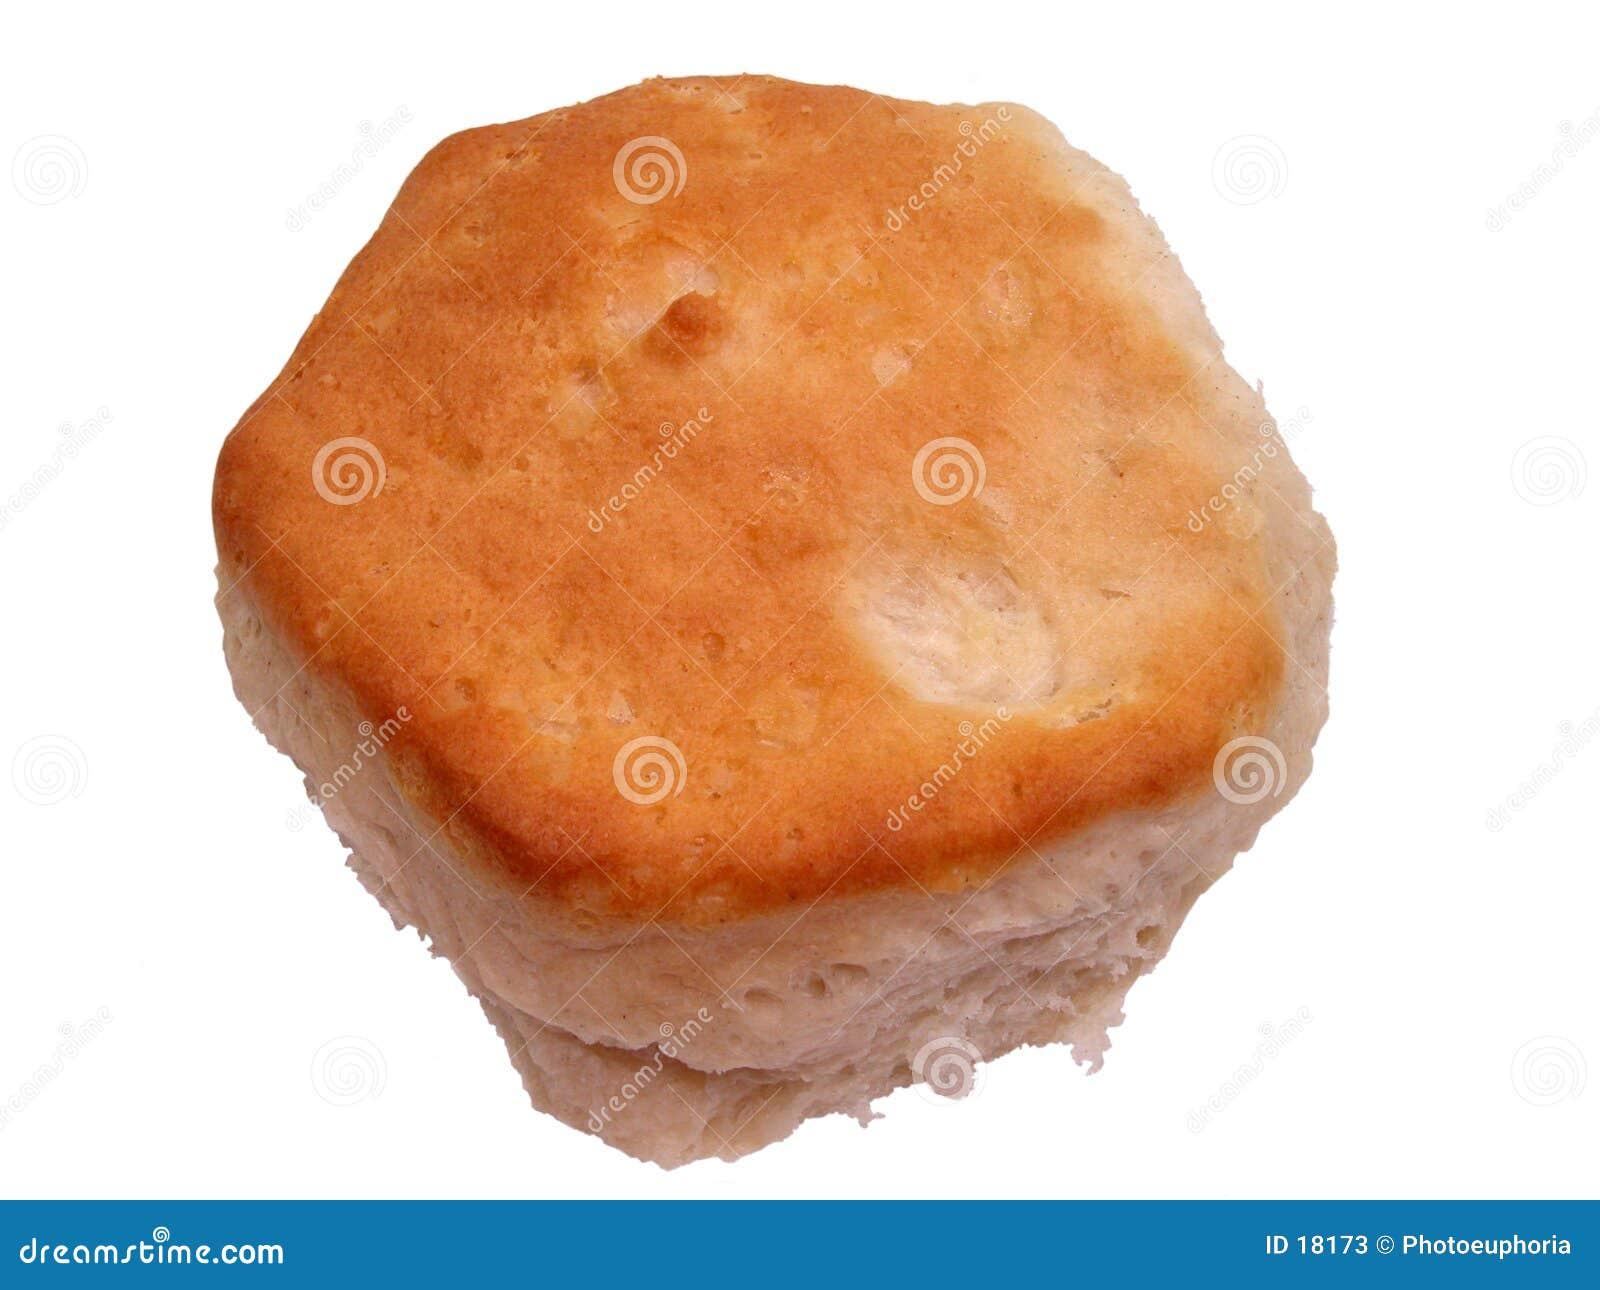 Food: Breakfast Biscuit